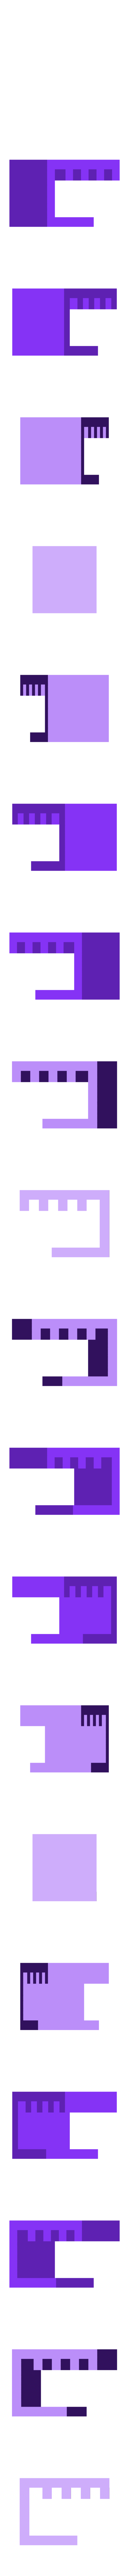 spool_front_hook.stl Télécharger fichier STL gratuit Support de bobine de filament ajustable / extensible - Ajouts à Flashforge Creator Pro • Modèle à imprimer en 3D, Kajdalon